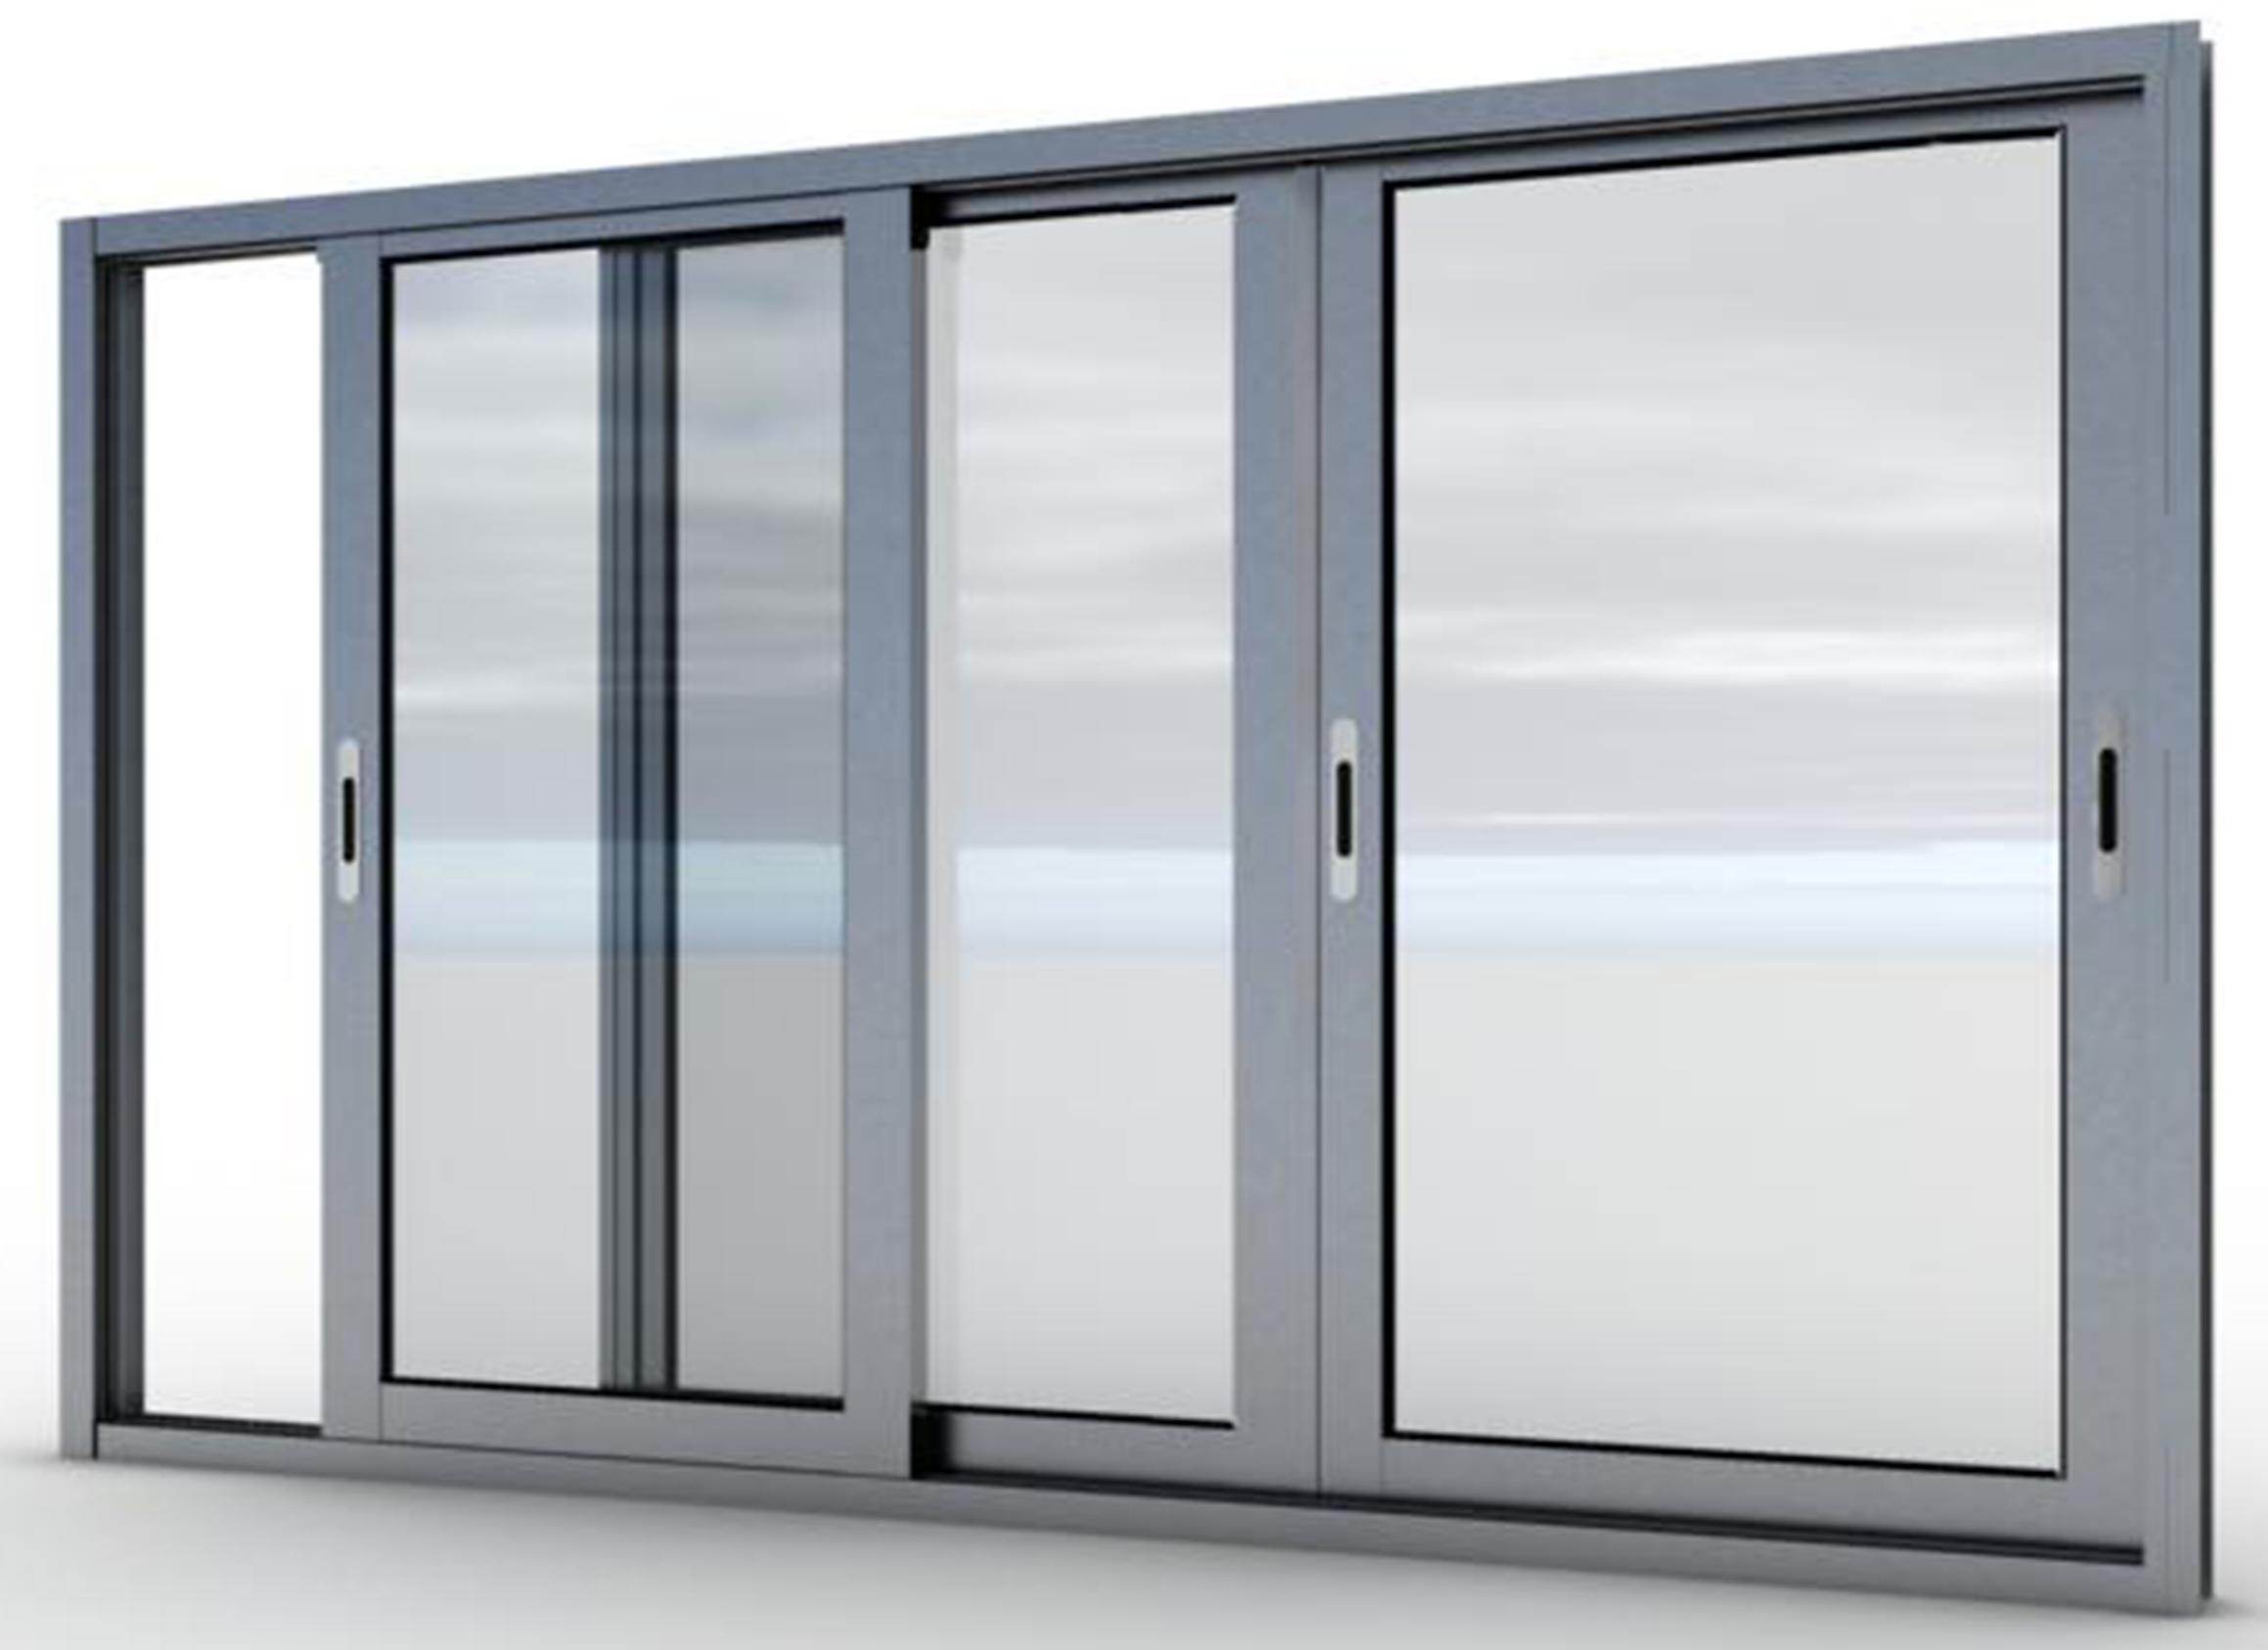 Алюминиевые окна на балкон раздвижные цена.